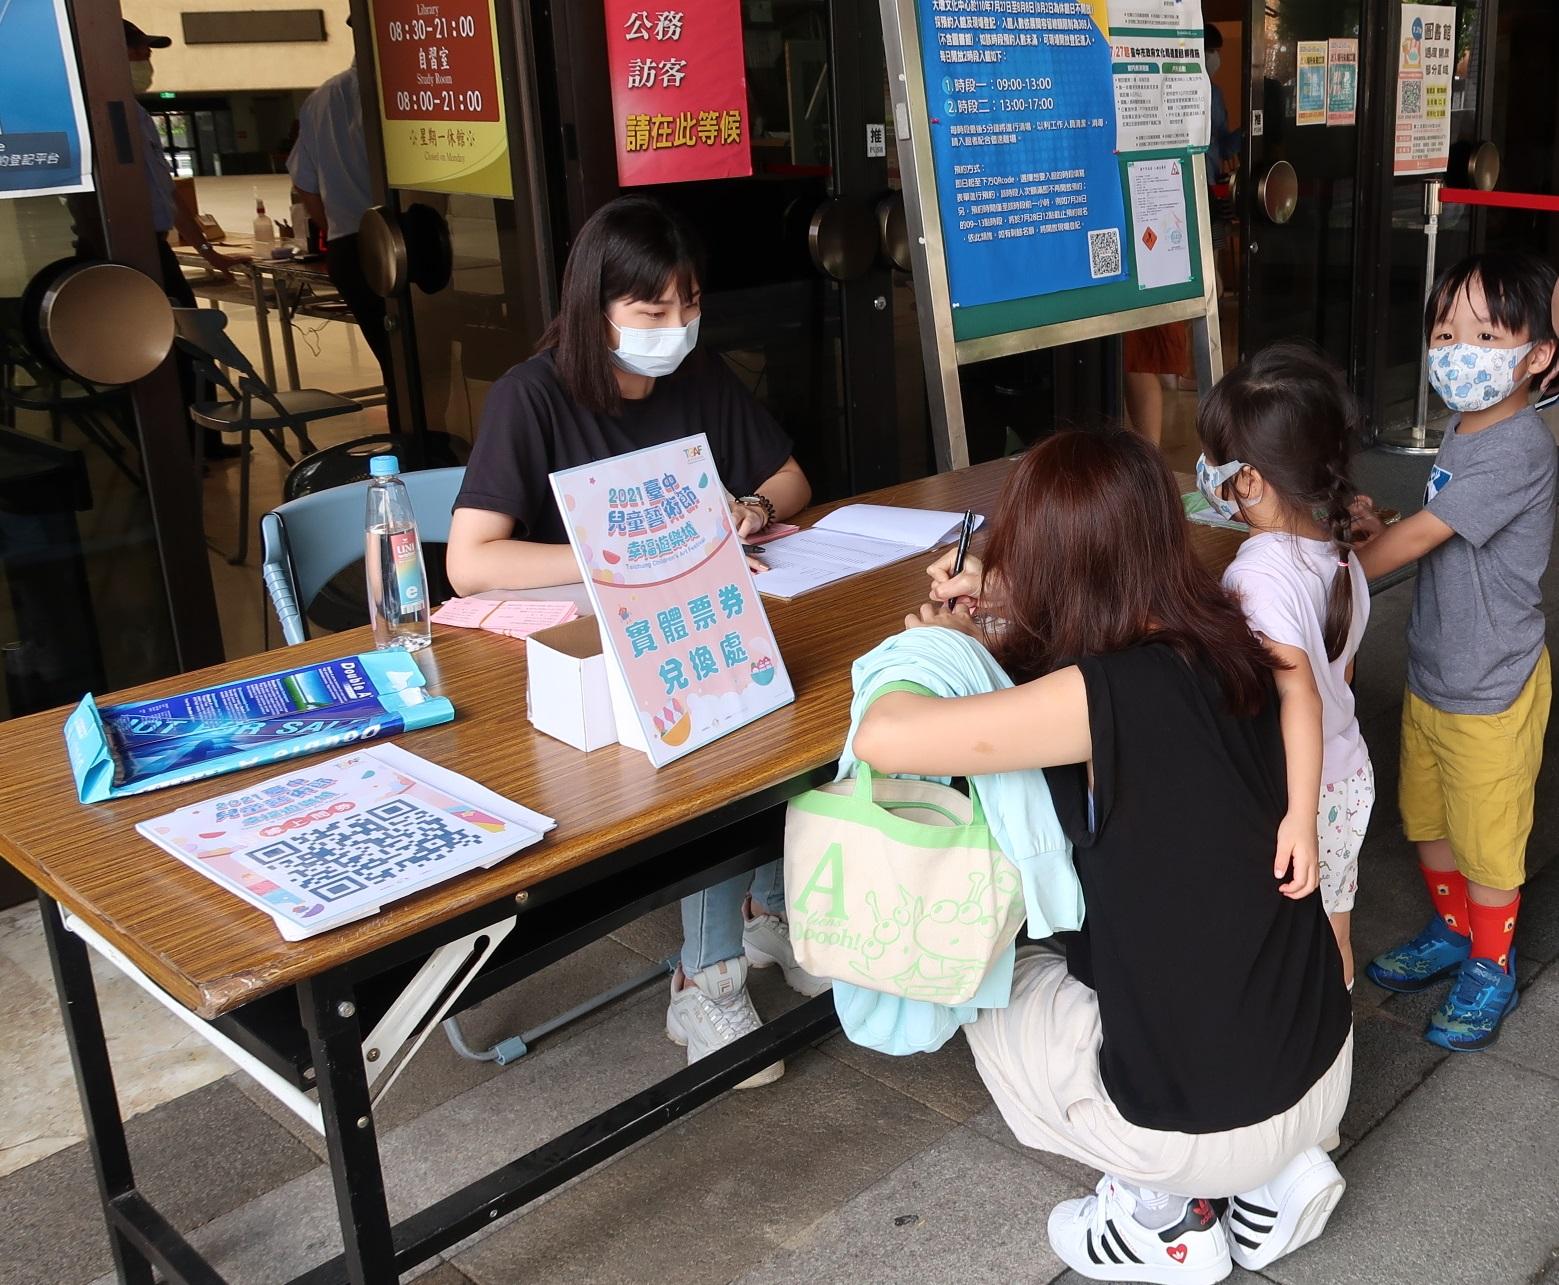 中市兒童藝術節8月重新起跑! 31場演出打造幸福童話城